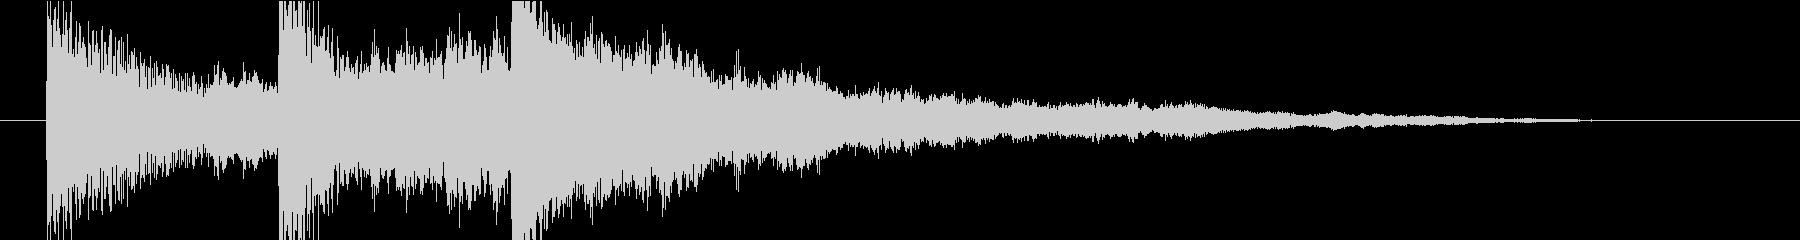 【ジングル】ピアノと森林の幻想的な曲の未再生の波形